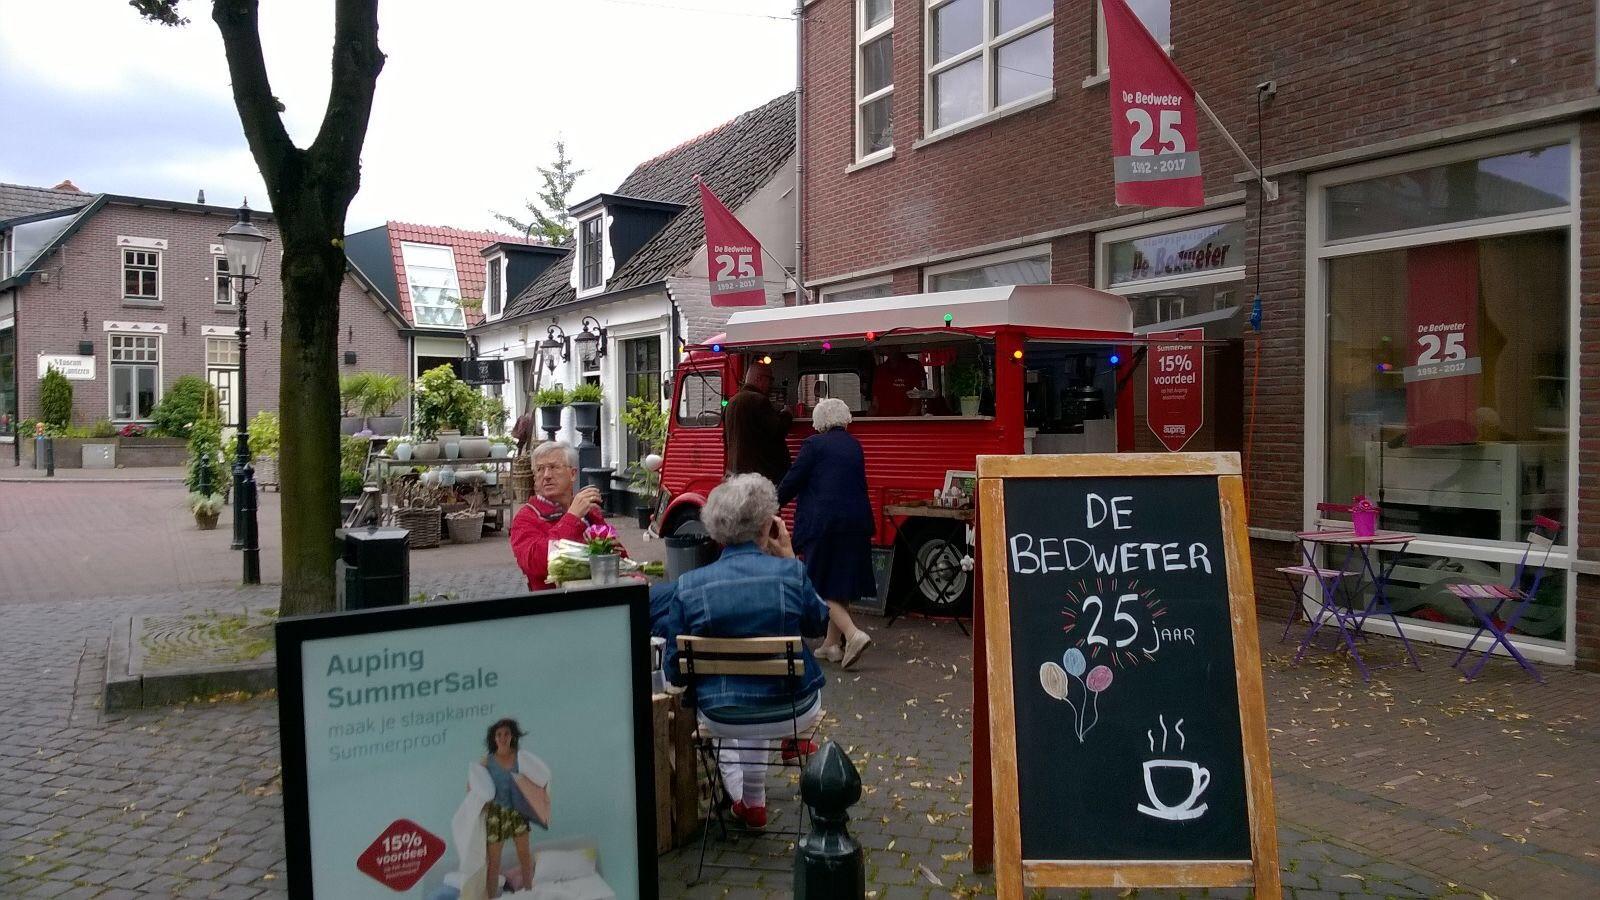 Streetbarista Citroen Hy koffie op locatie